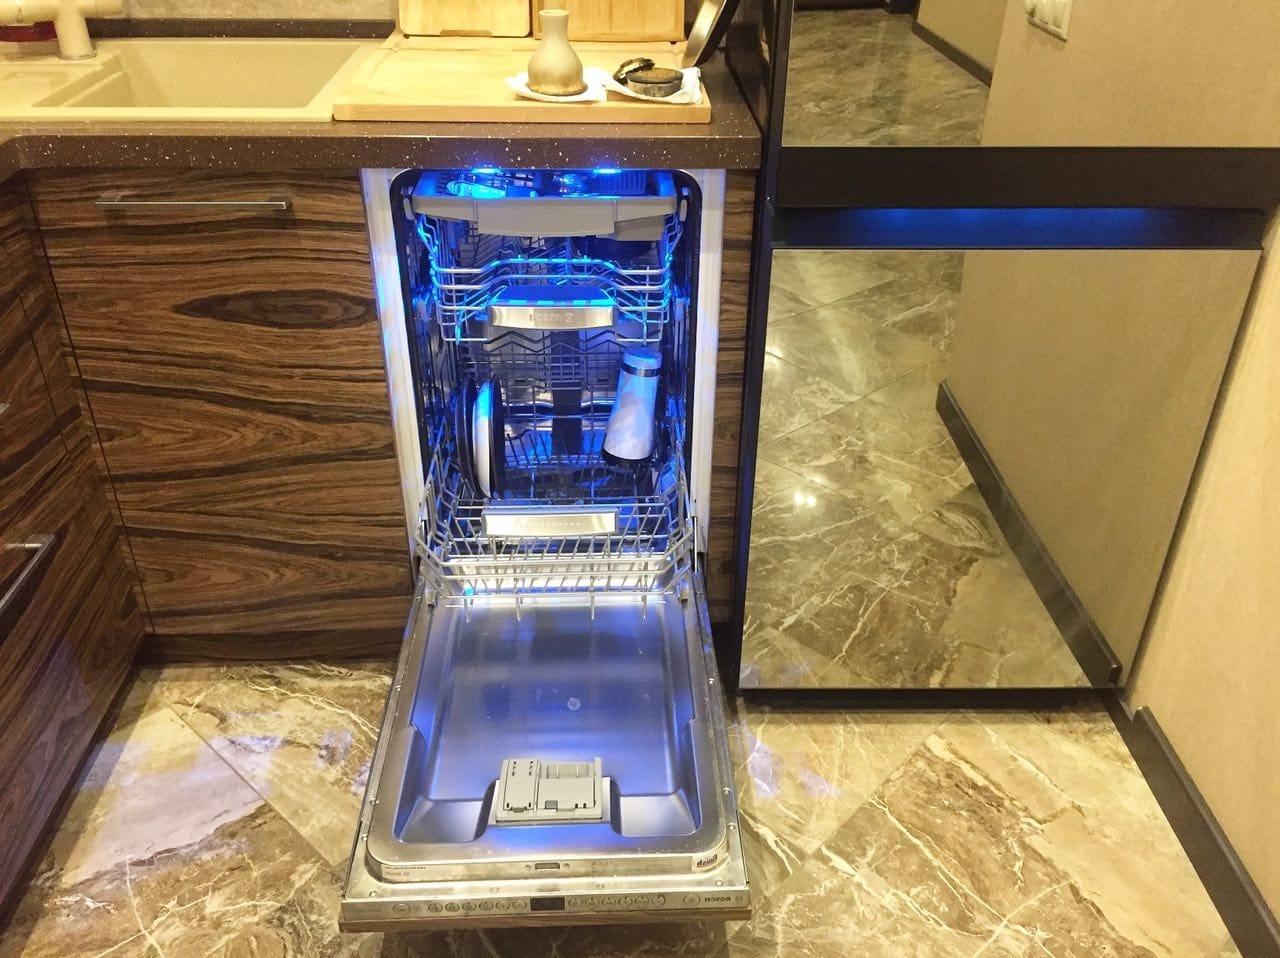 посудомоечная машина с подсветкой